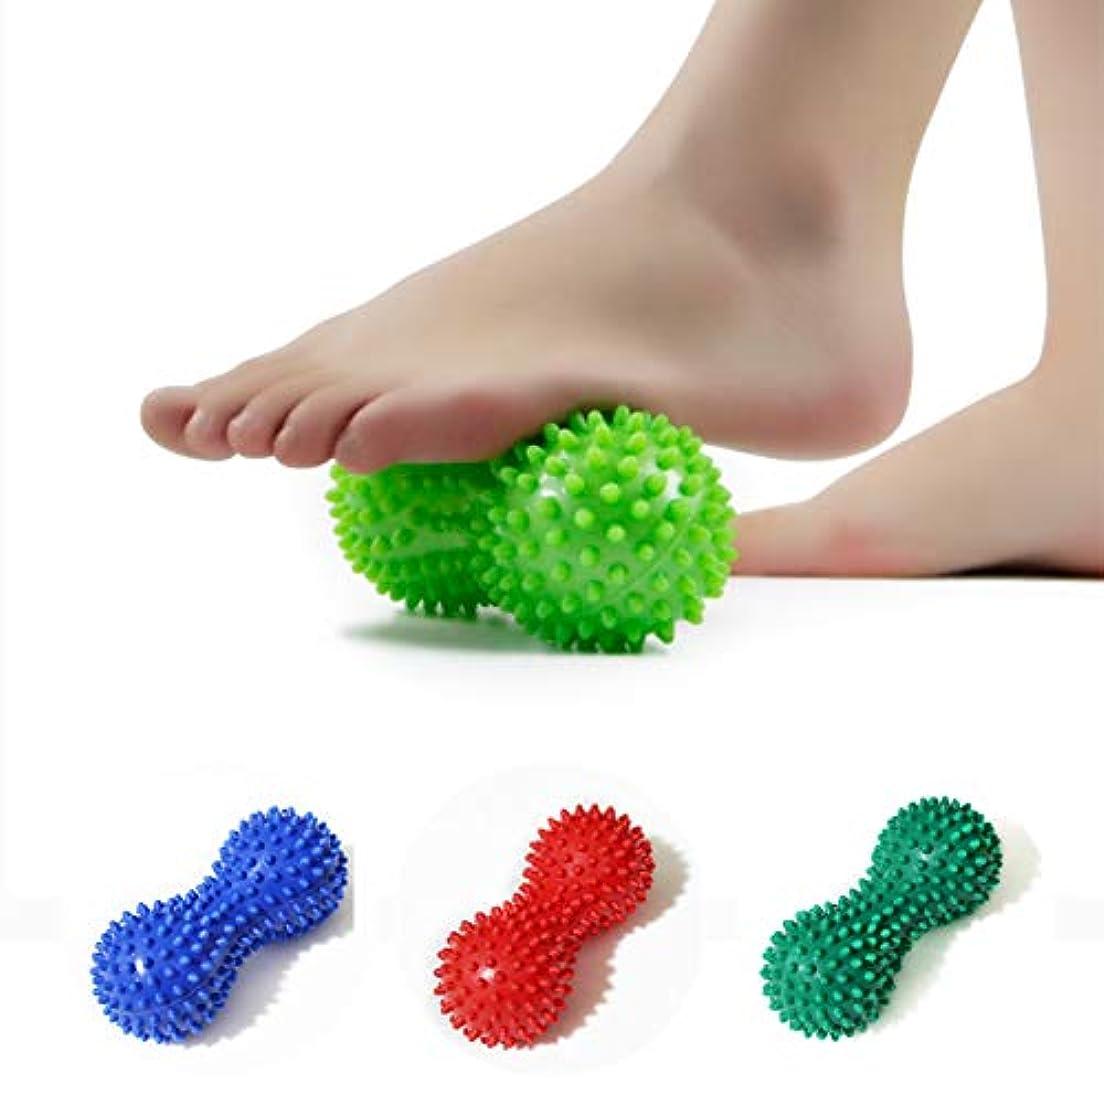 年悲しむこどもの宮殿Peanut Shape Massage Yoga Sport Fitness Ball Durable PVC Stress Relief Body Hand Foot Spiky Massager Trigger Point...